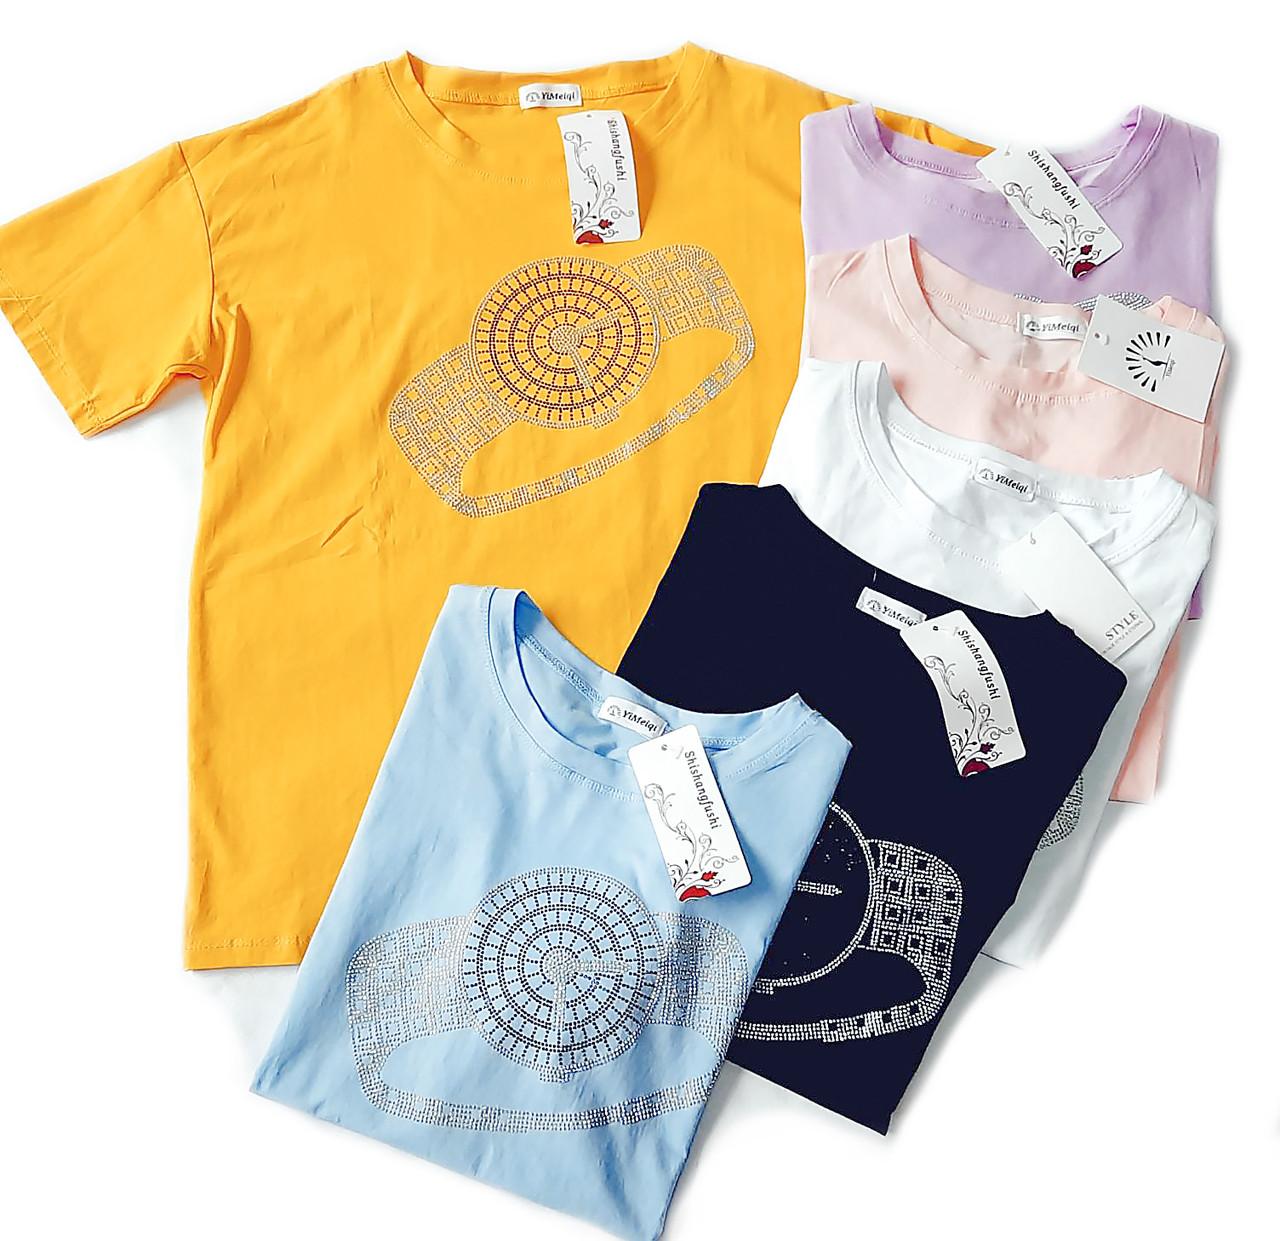 Универсальная летняя футболка женская 46-50 (в расцветках)